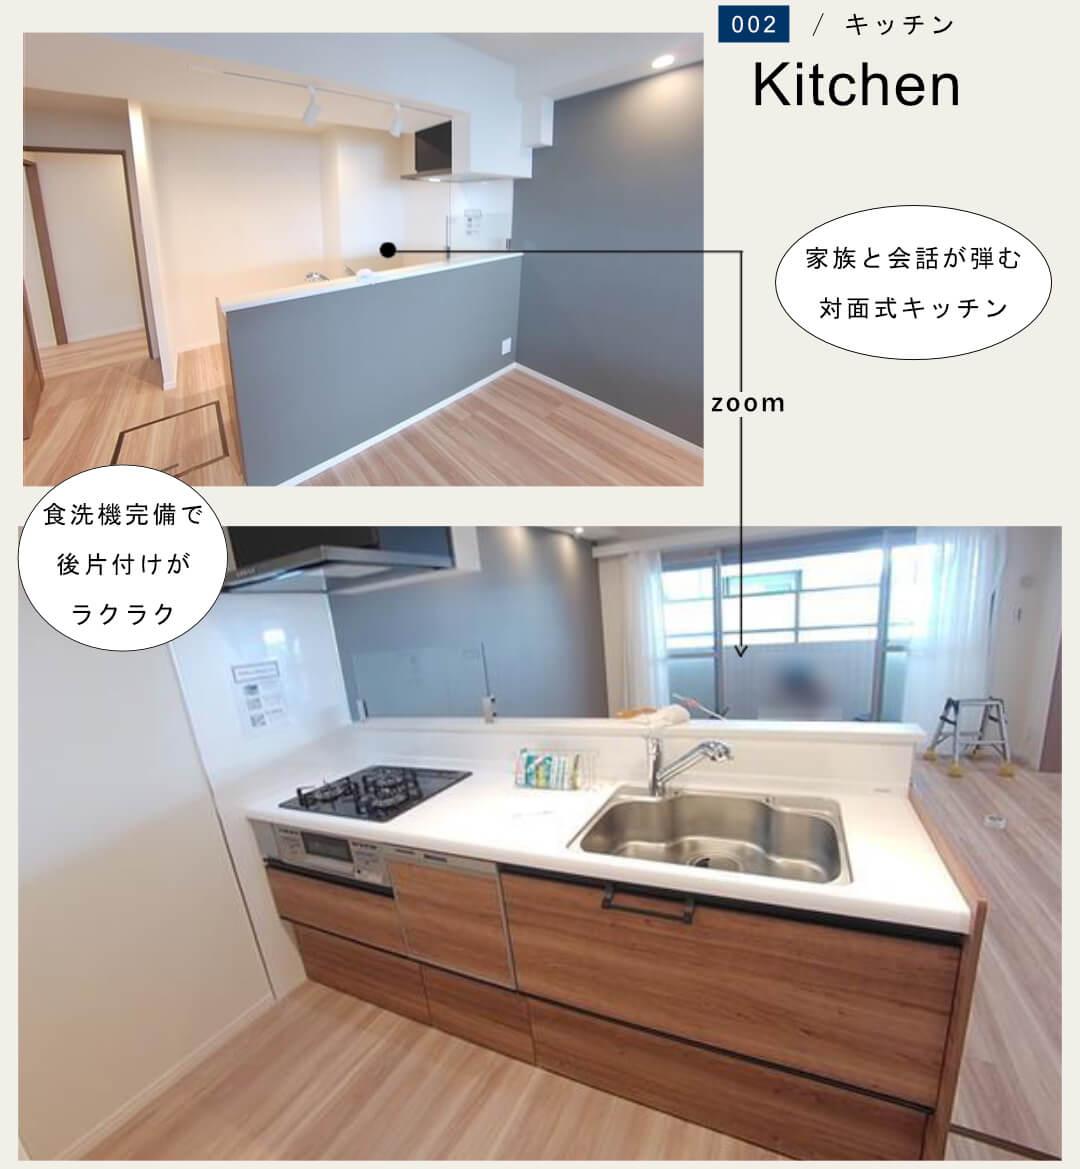 マイファリエ長崎101のキッチン